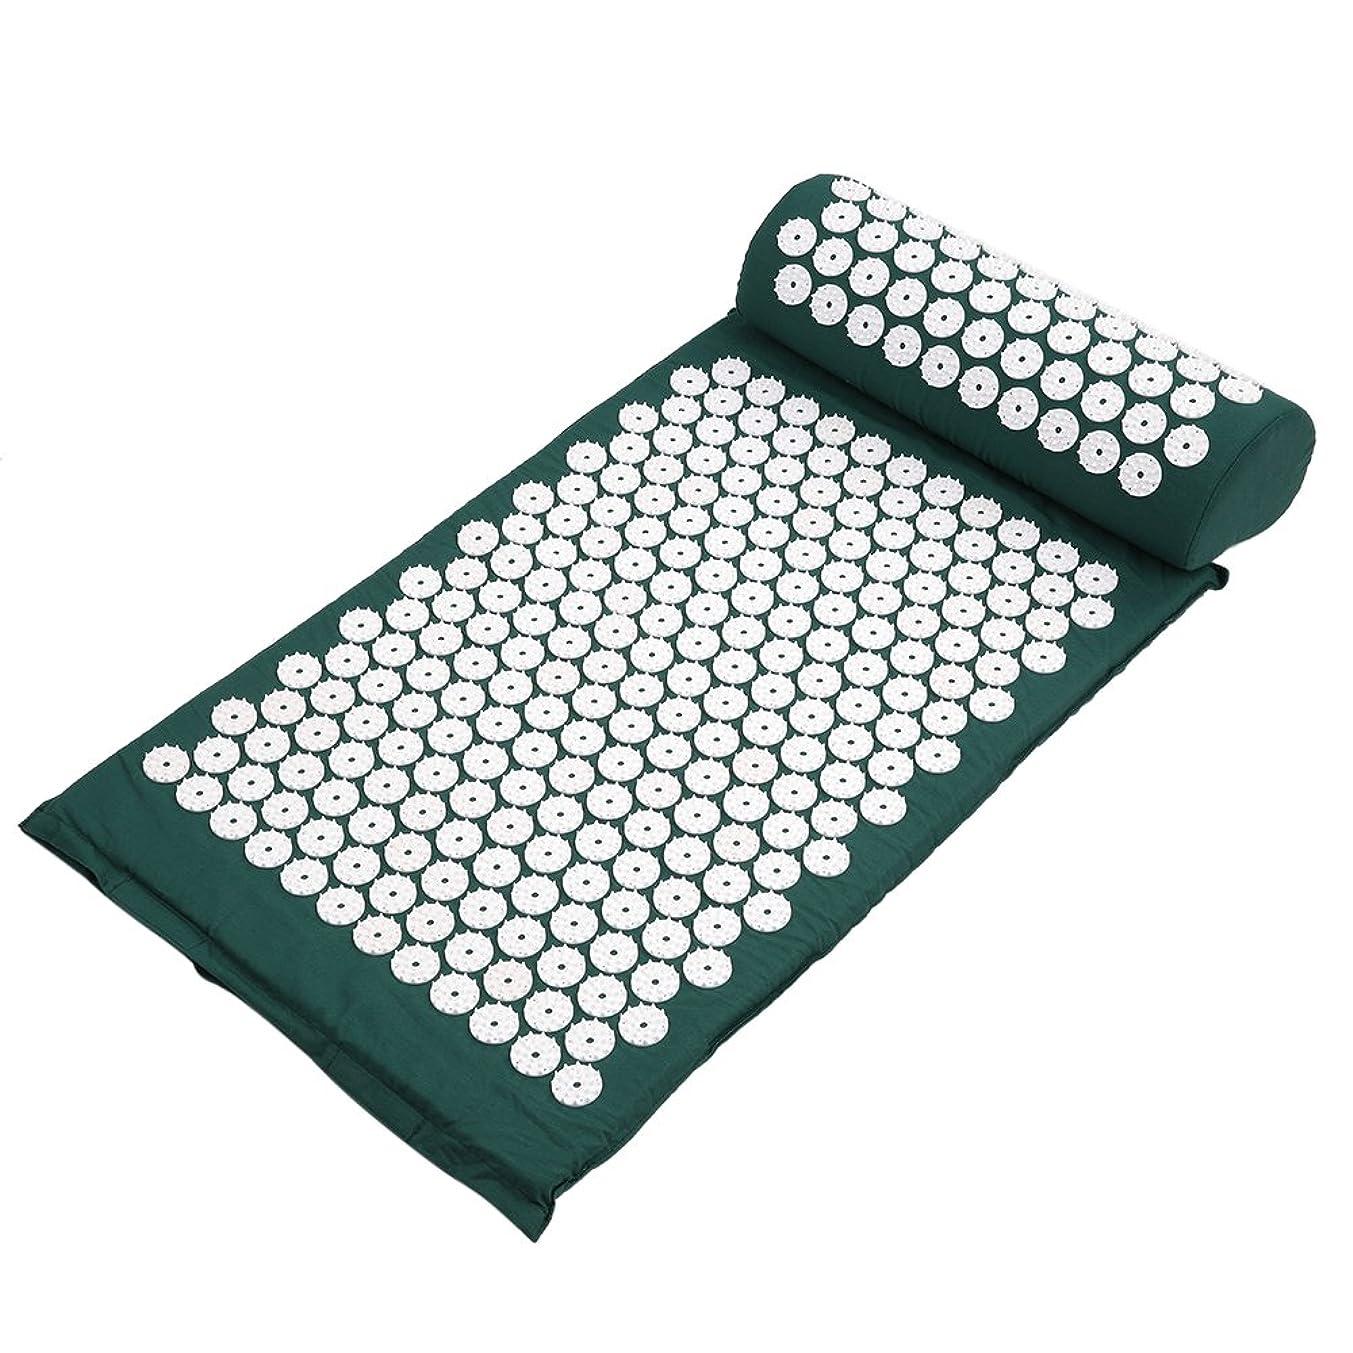 ライトニングブート郵便番号Decdeal ヨガマット マッサージクッション 指圧マット枕 折り畳み 健康 血流促進 (みどり)